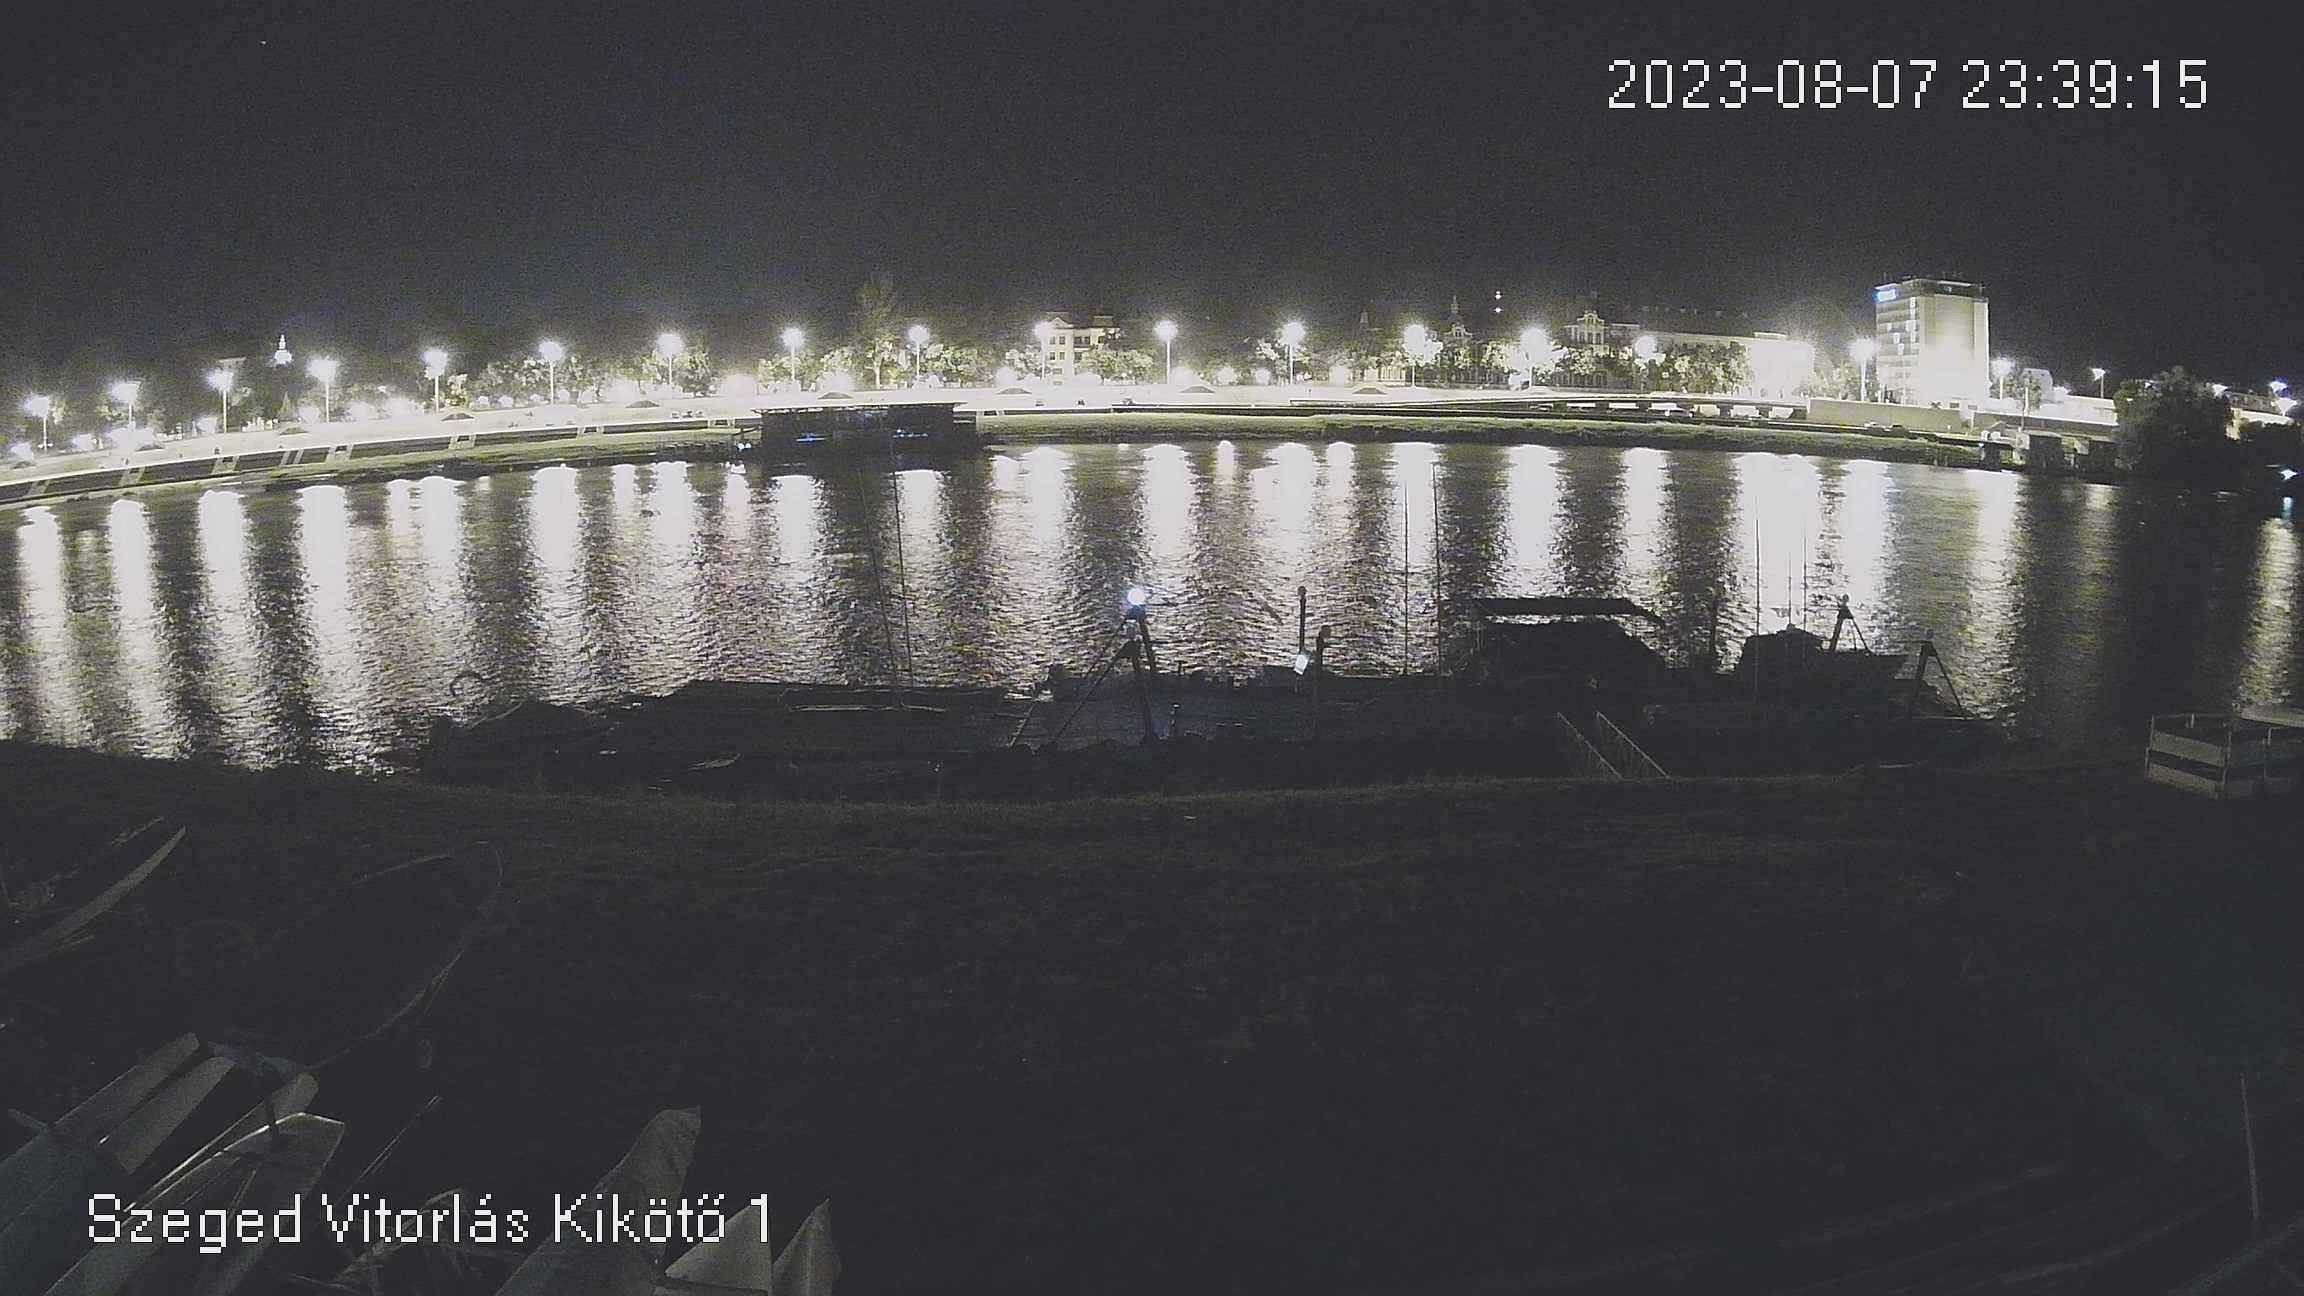 Szeged, Vitorlás Kikötő - www.PontMost.hu Kérjük, frissítse az oldalt!